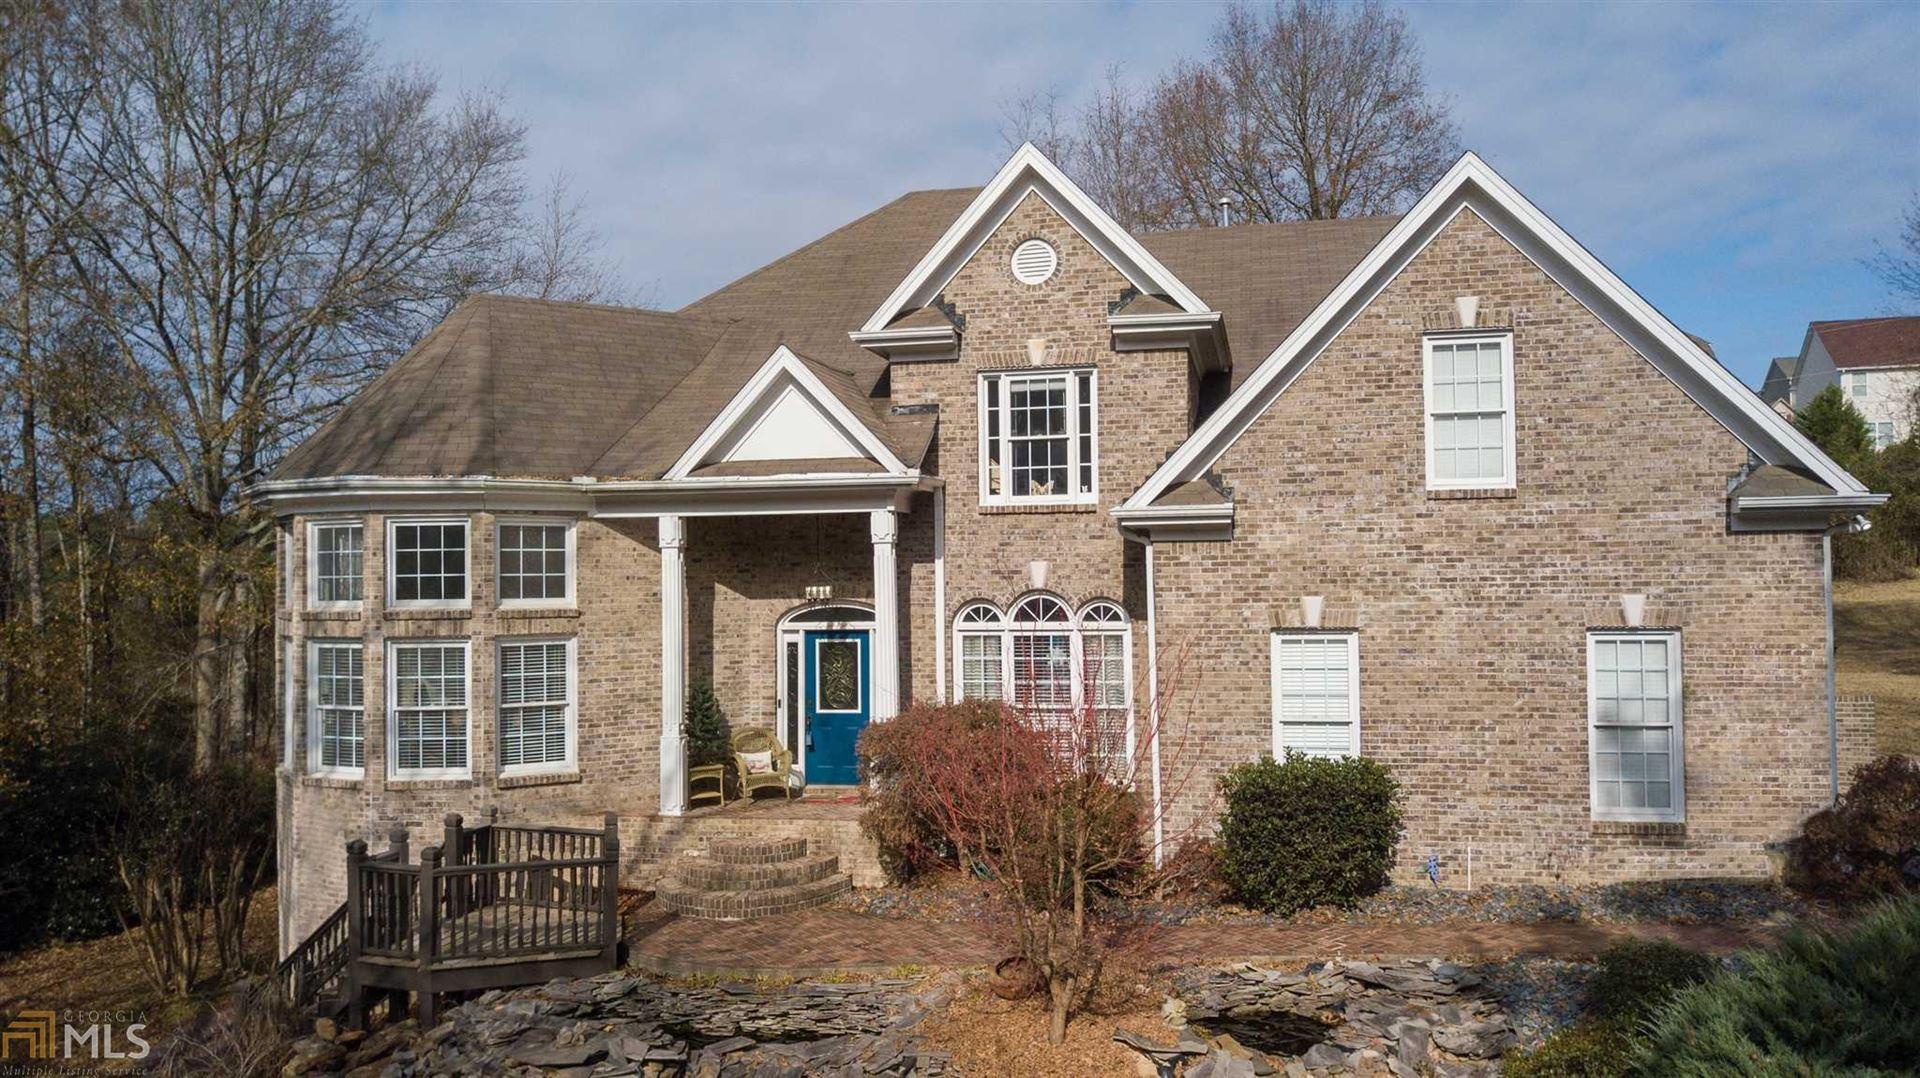 1246 Brock Ln, Lawrenceville, GA 30045 - MLS#: 8678995